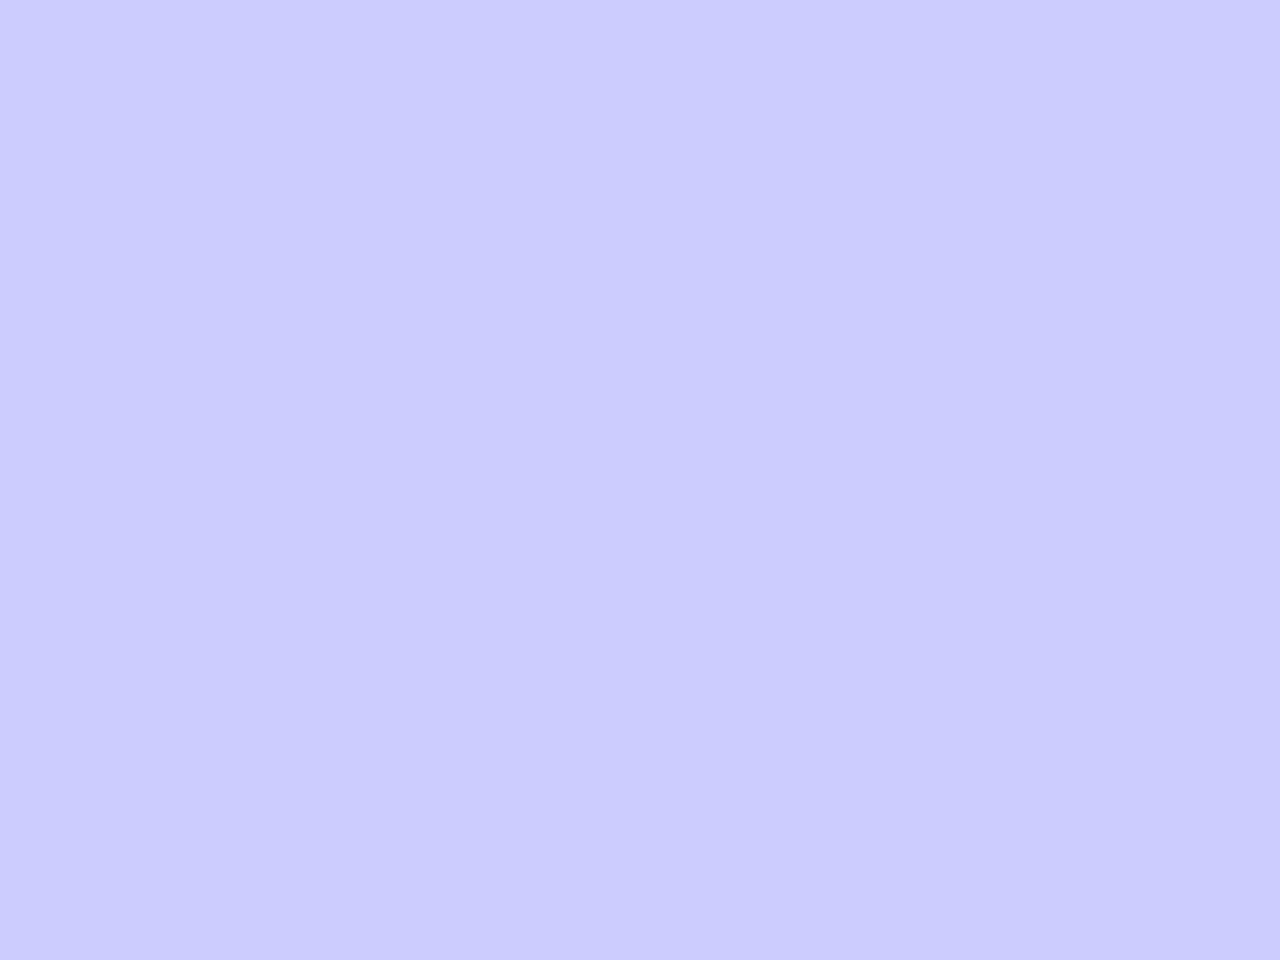 1280x960 Lavender Blue Solid Color Background